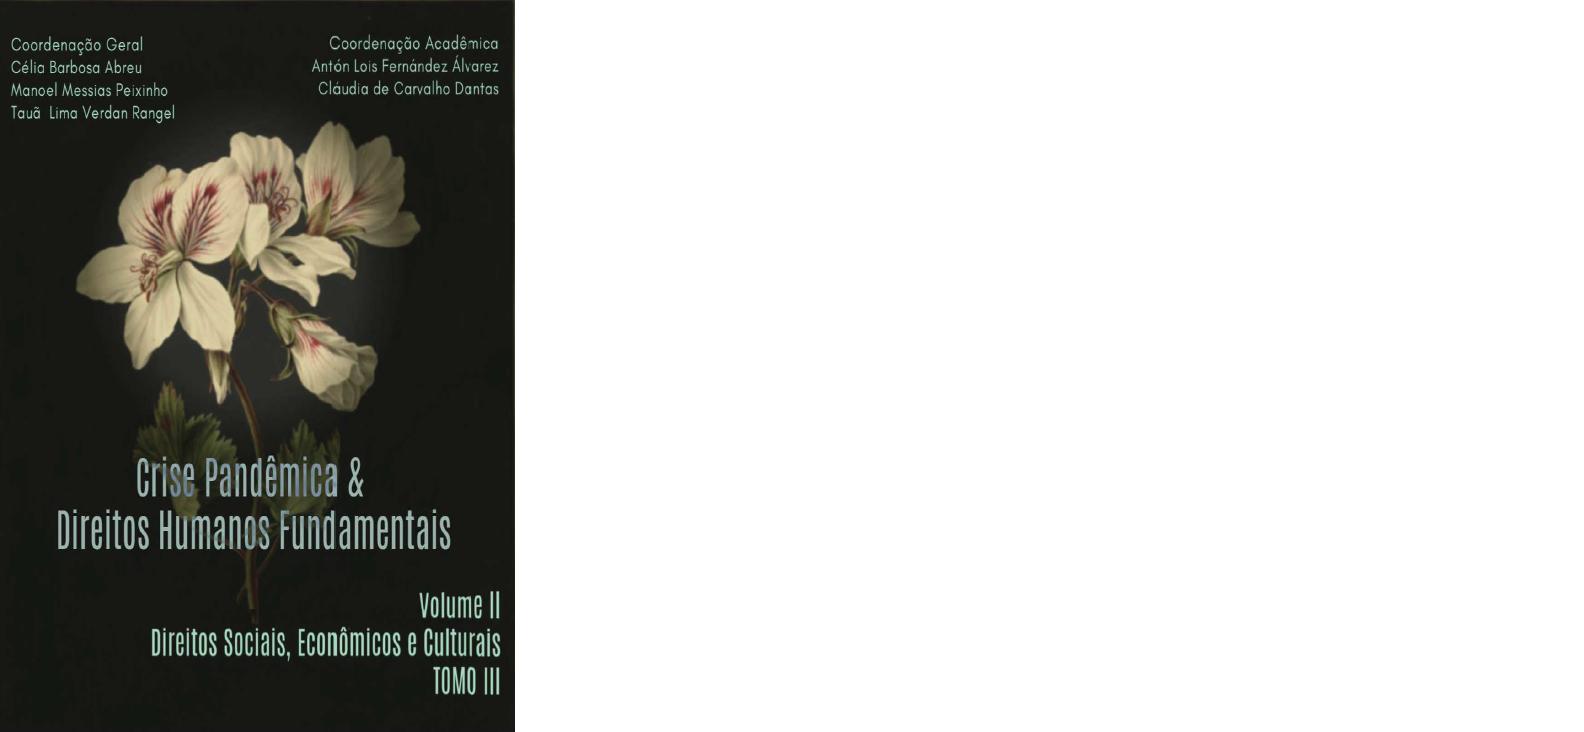 CRISE PANDÊMICA & DIREITOS HUMANOS FUNDAMENTAIS VOLUME II: DIREITOS SOCIAIS, ECONÔMICOS E CULTURAIS.  (TOMO III)